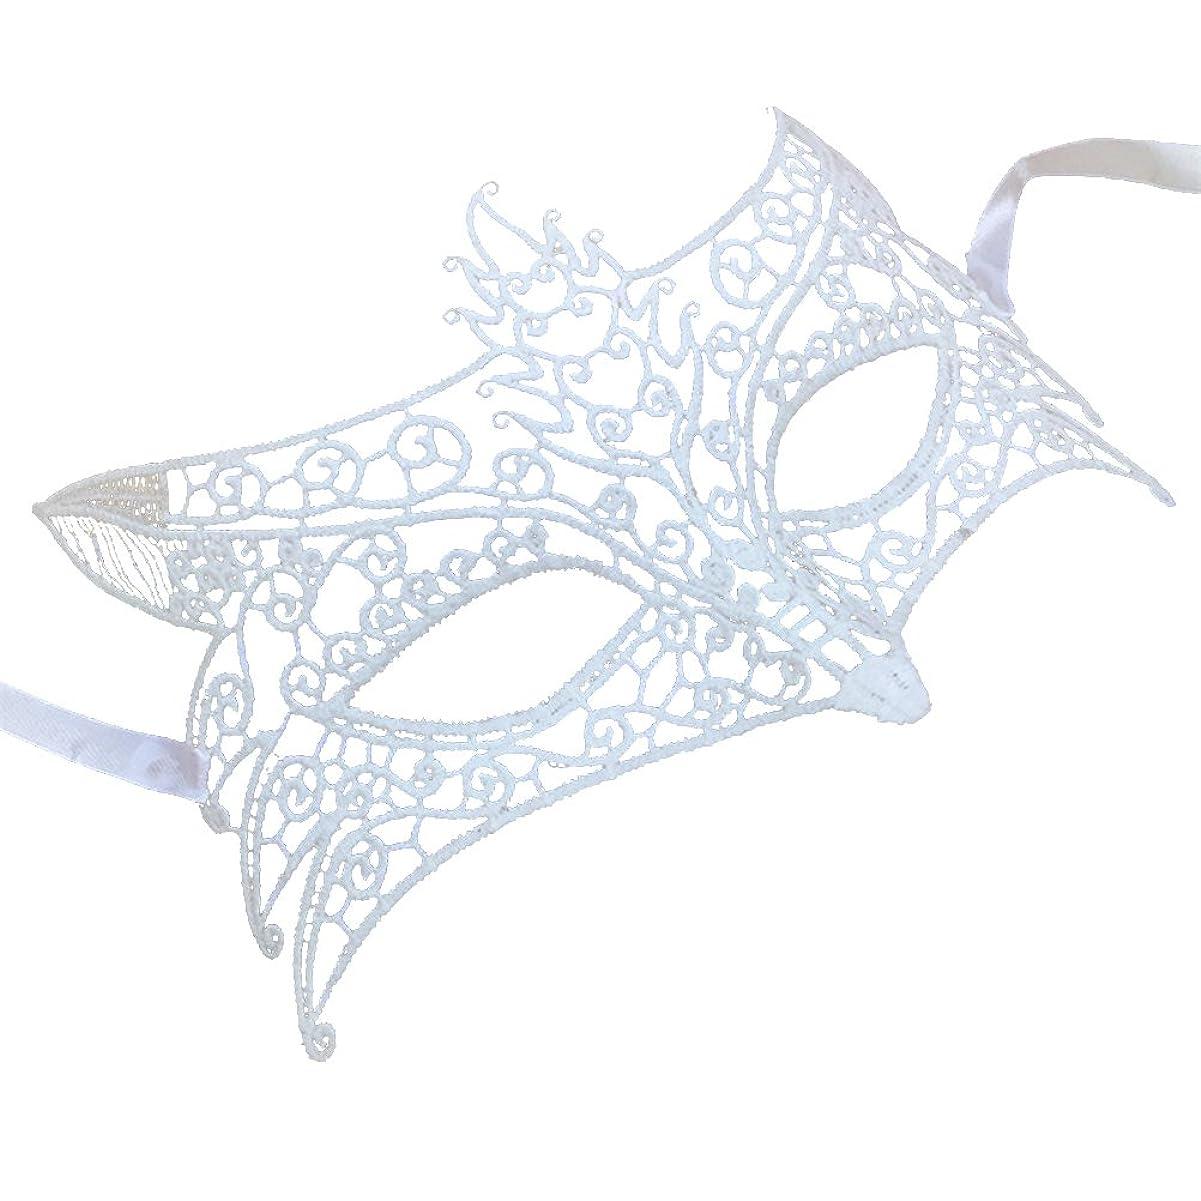 革新テロリストごみAMOSFUN キツネの形をしたレースパーティーマスクイブニングパーティーウエディングマスカレードマスク(ホワイト)